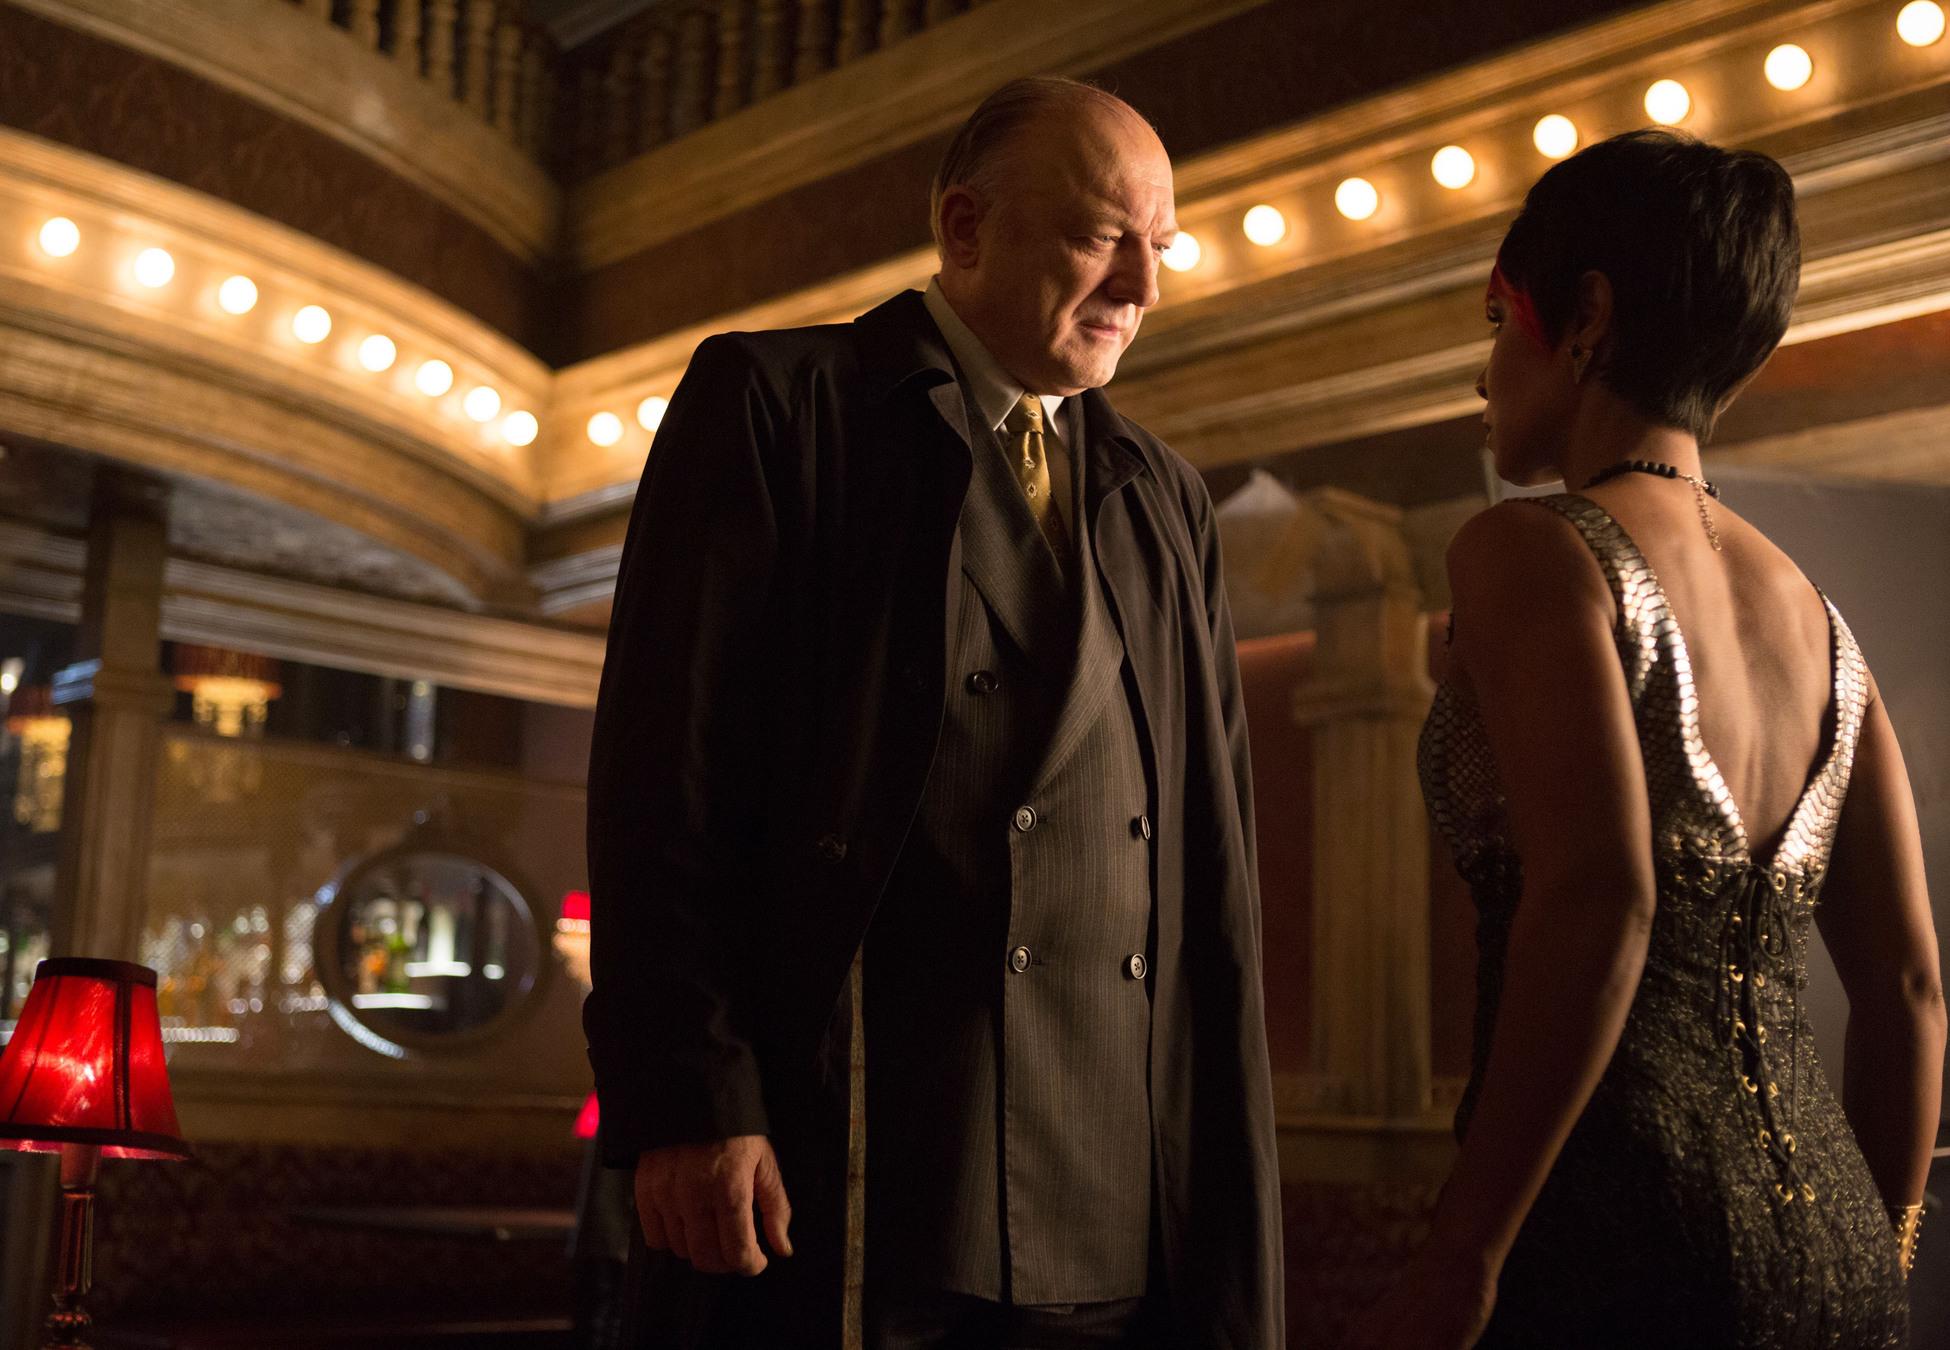 Gotham - Episode 1.12 - What The Little Bird Told Him